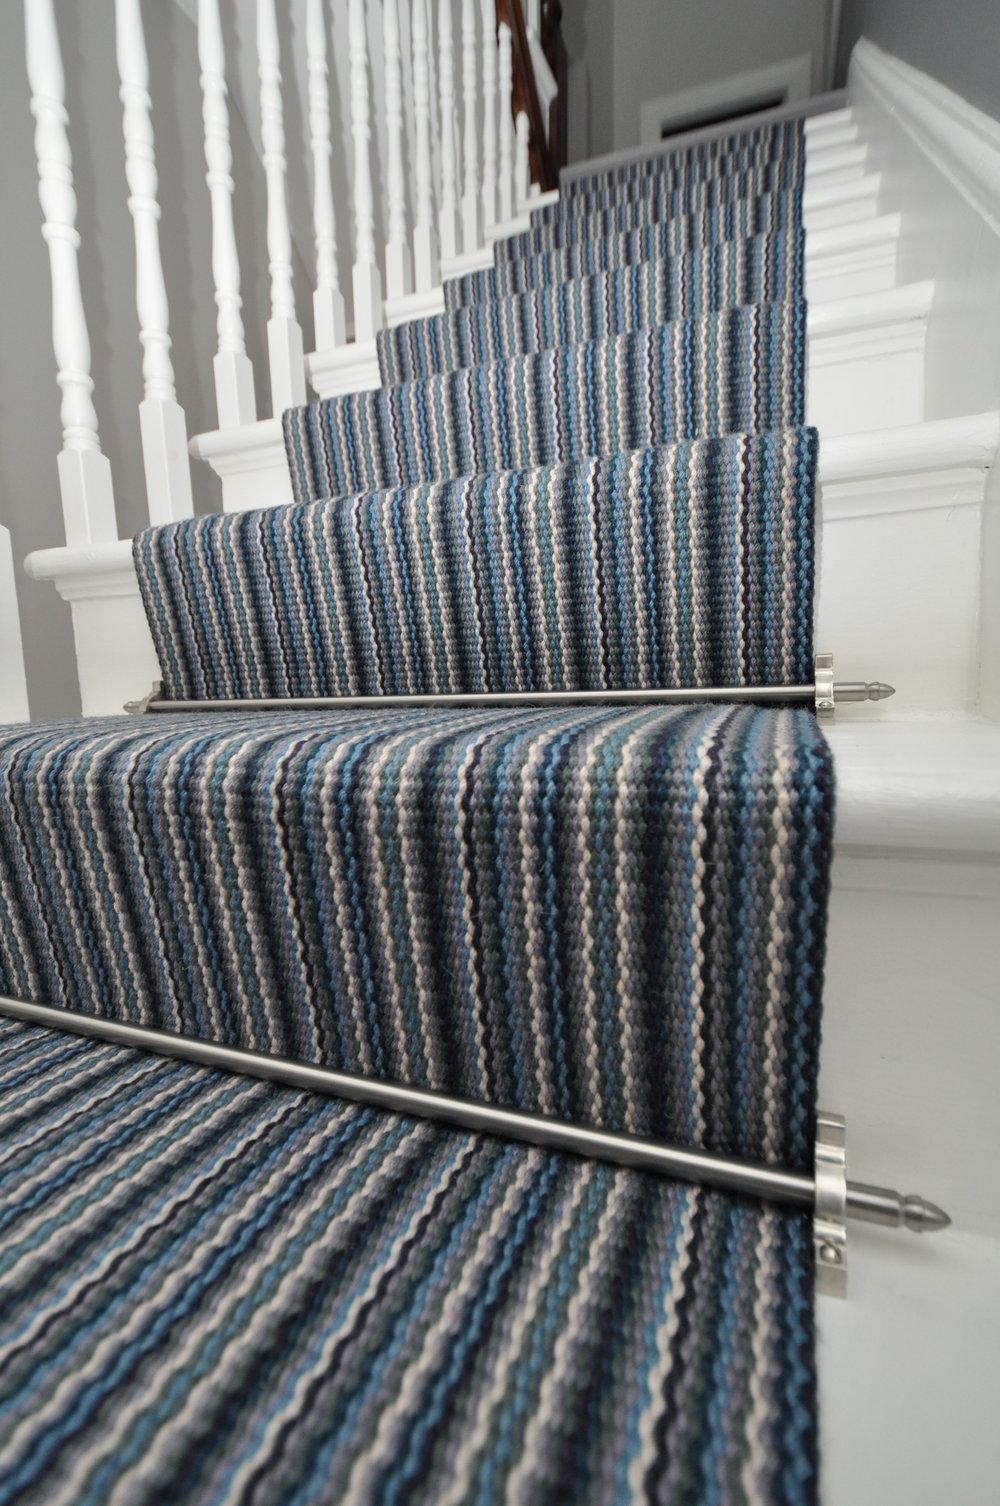 flatweave-stair-runners-london-bowloom-carpet-geometric-off-the-loom-DSC_1526.jpg